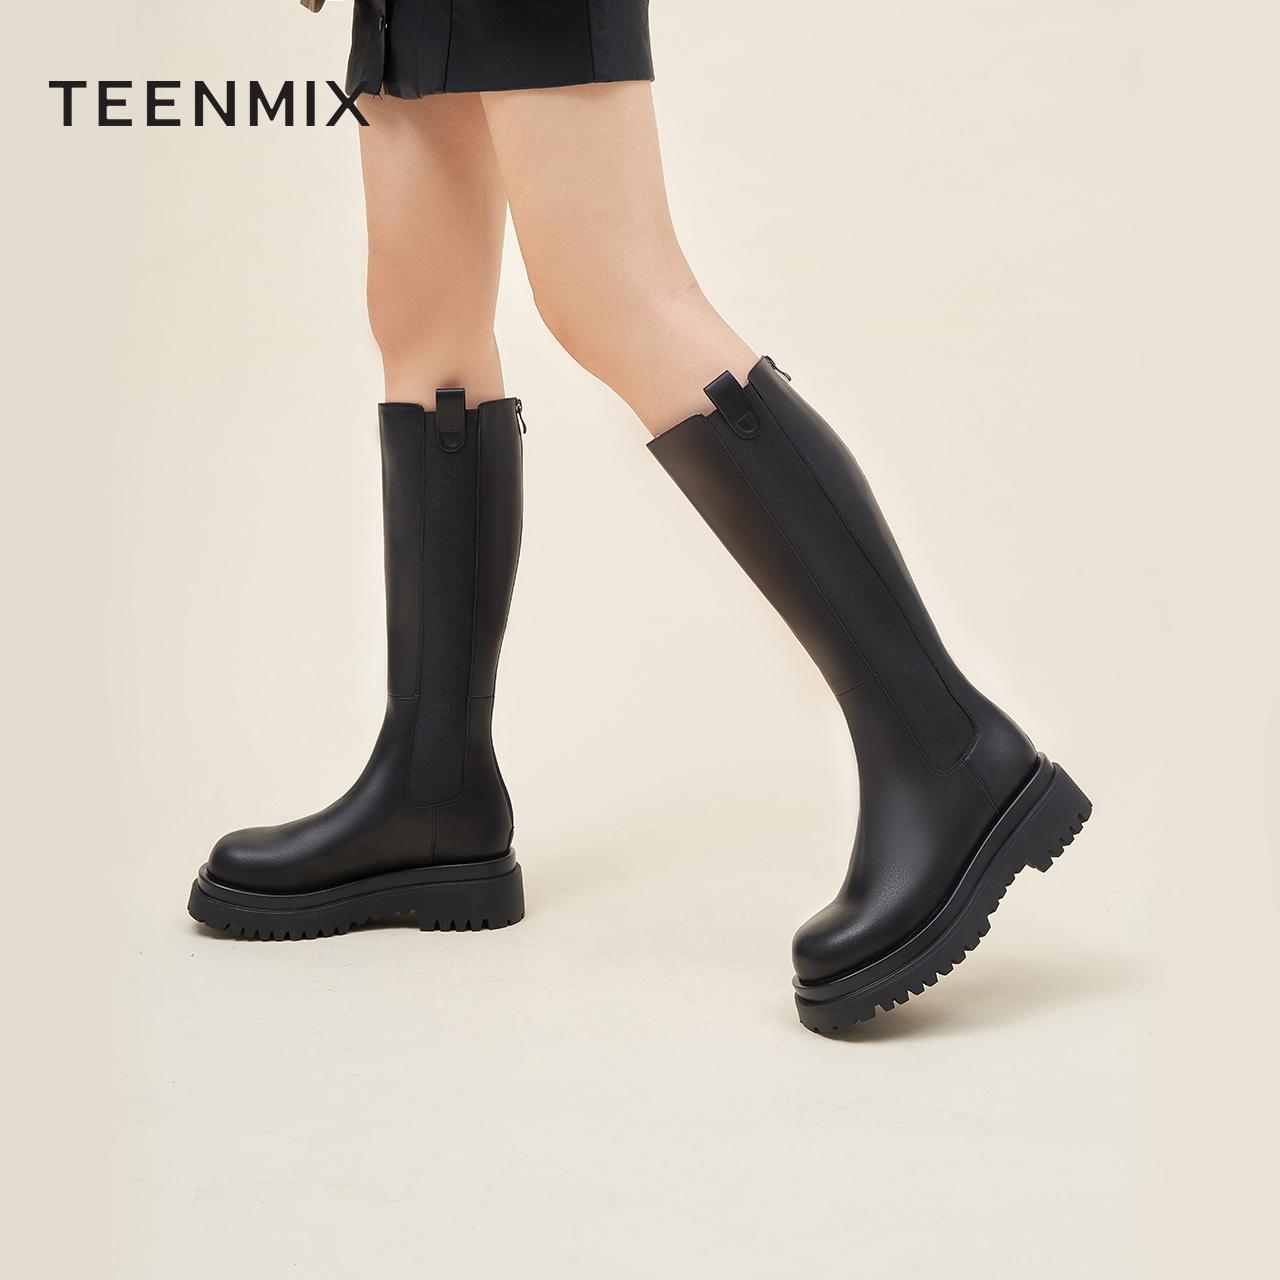 GX009DG0 冬新款加绒高筒骑士靴女 2020 天美意厚底长筒切尔西靴女